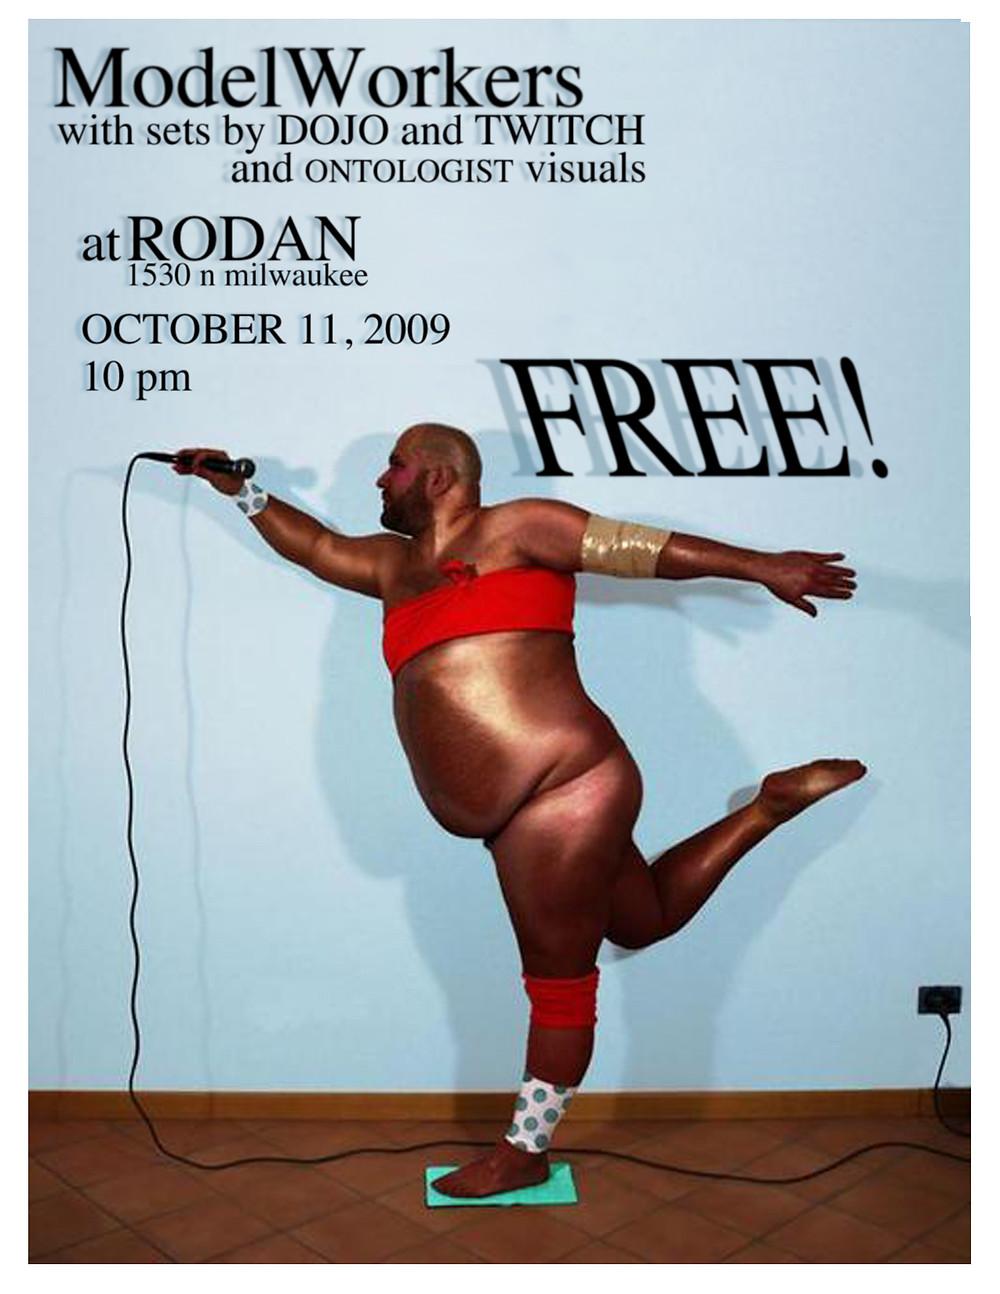 RodanFlyer-Oct11-2009.jpg